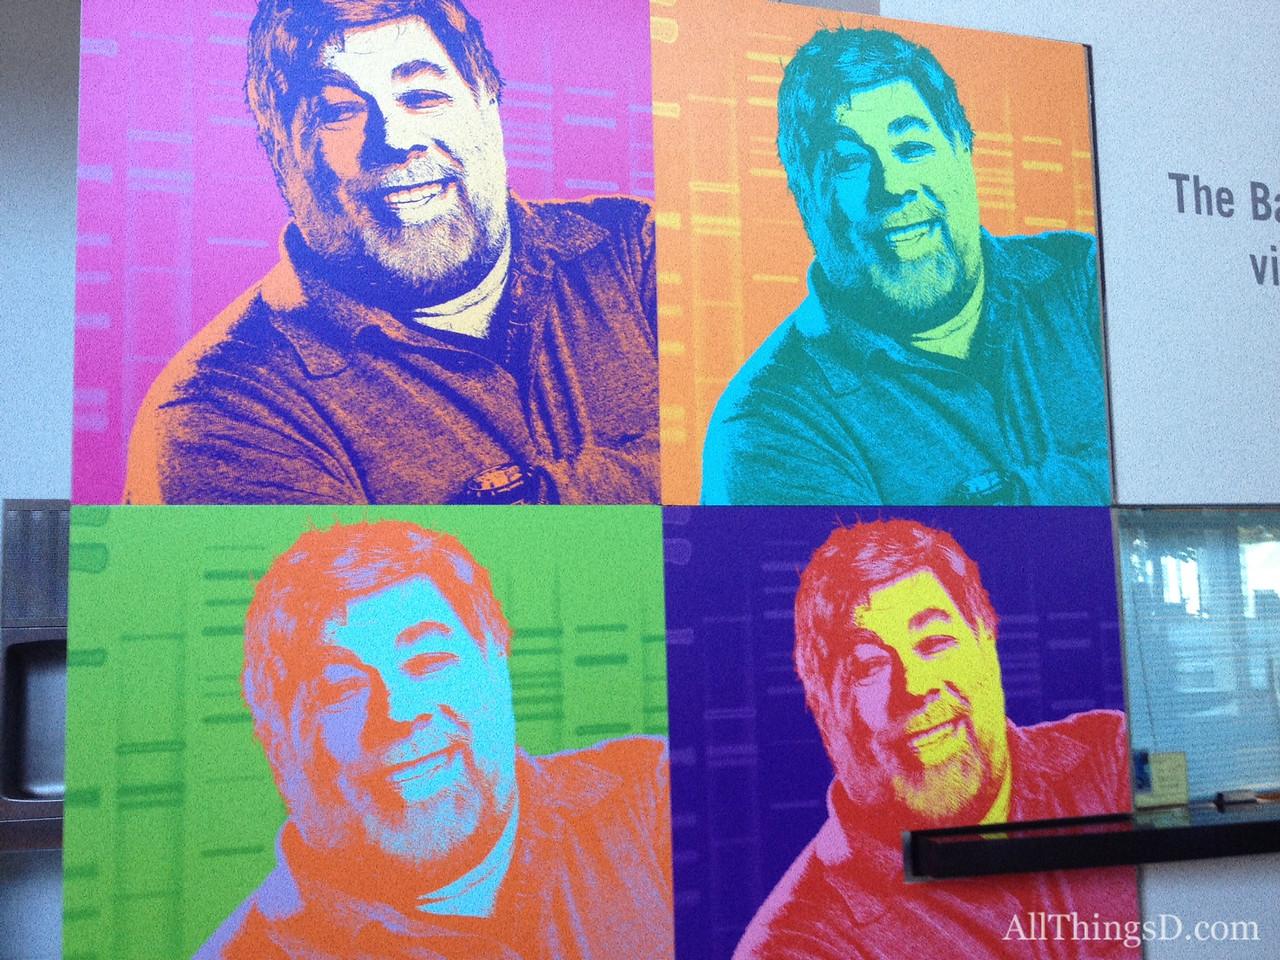 Steve Wozniak, with an Andy Warhol twist.